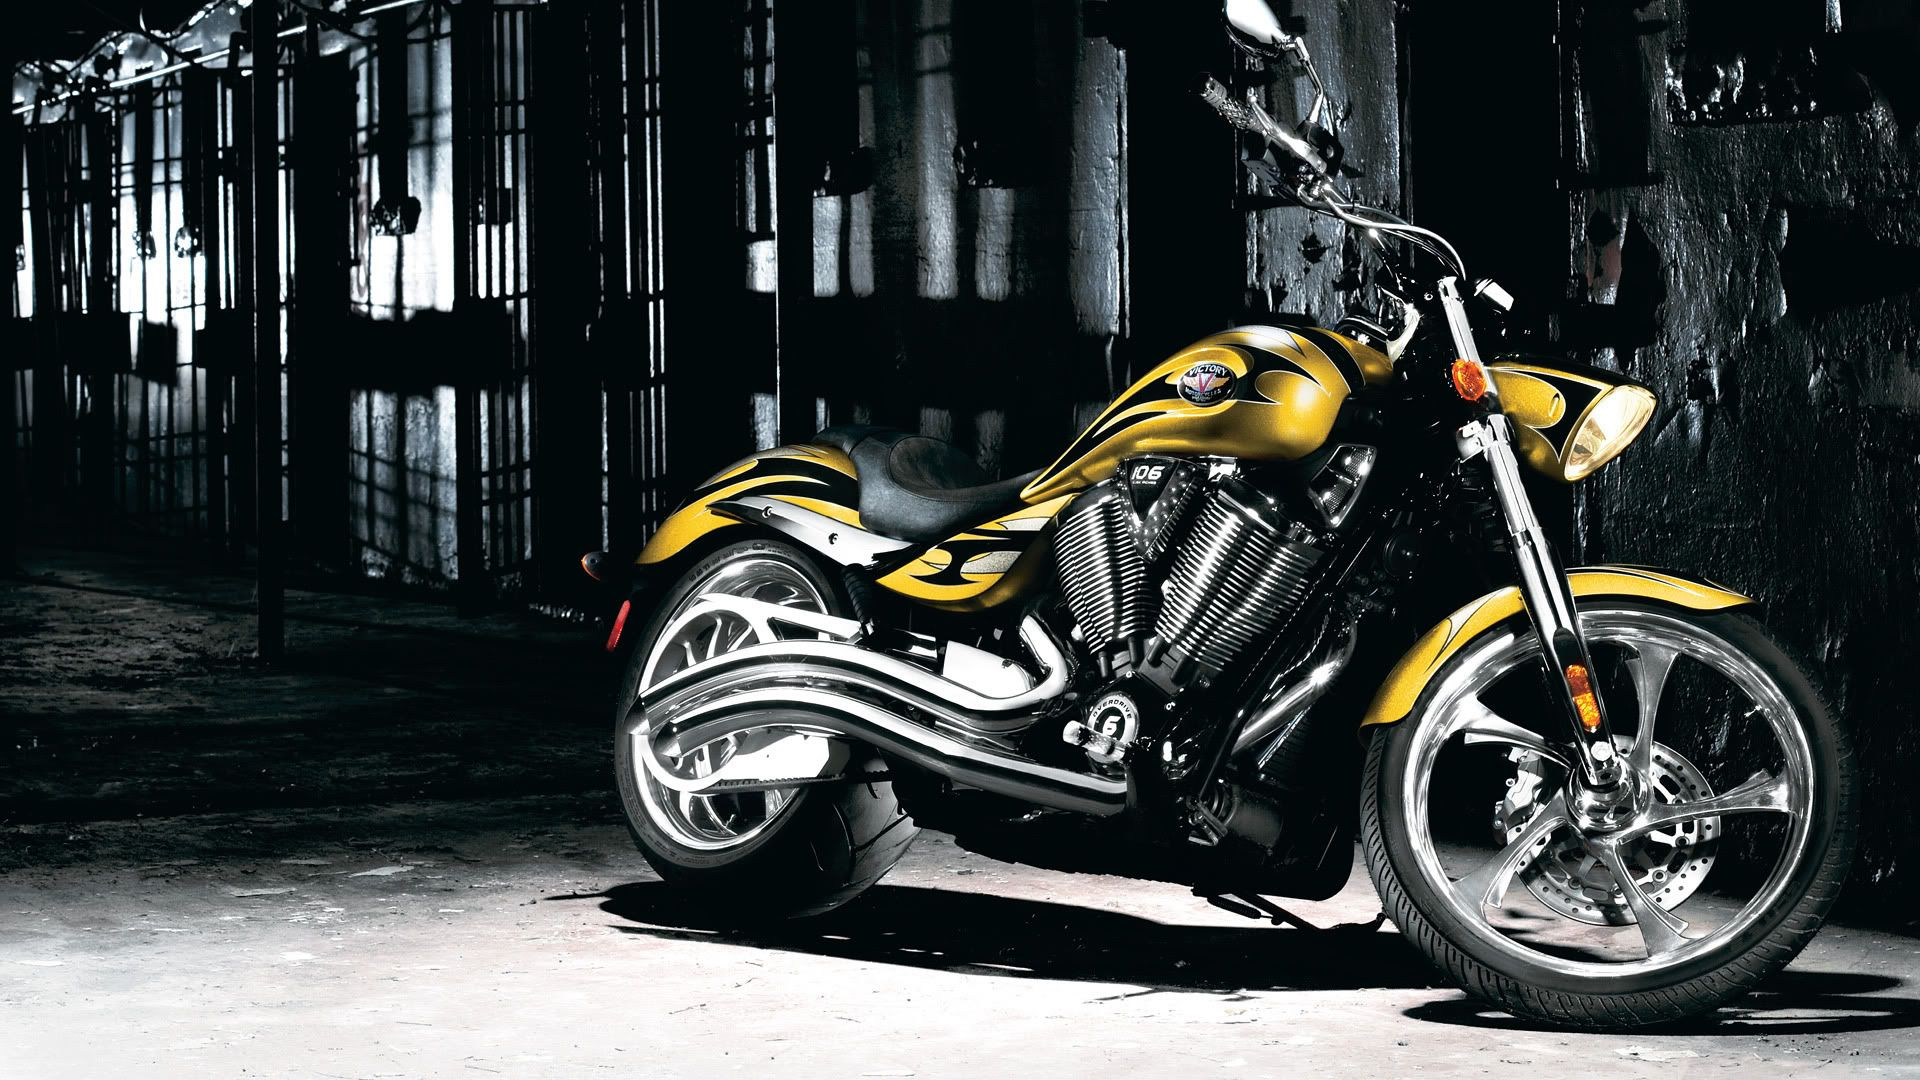 Обои bike. Мотоциклы foto 19